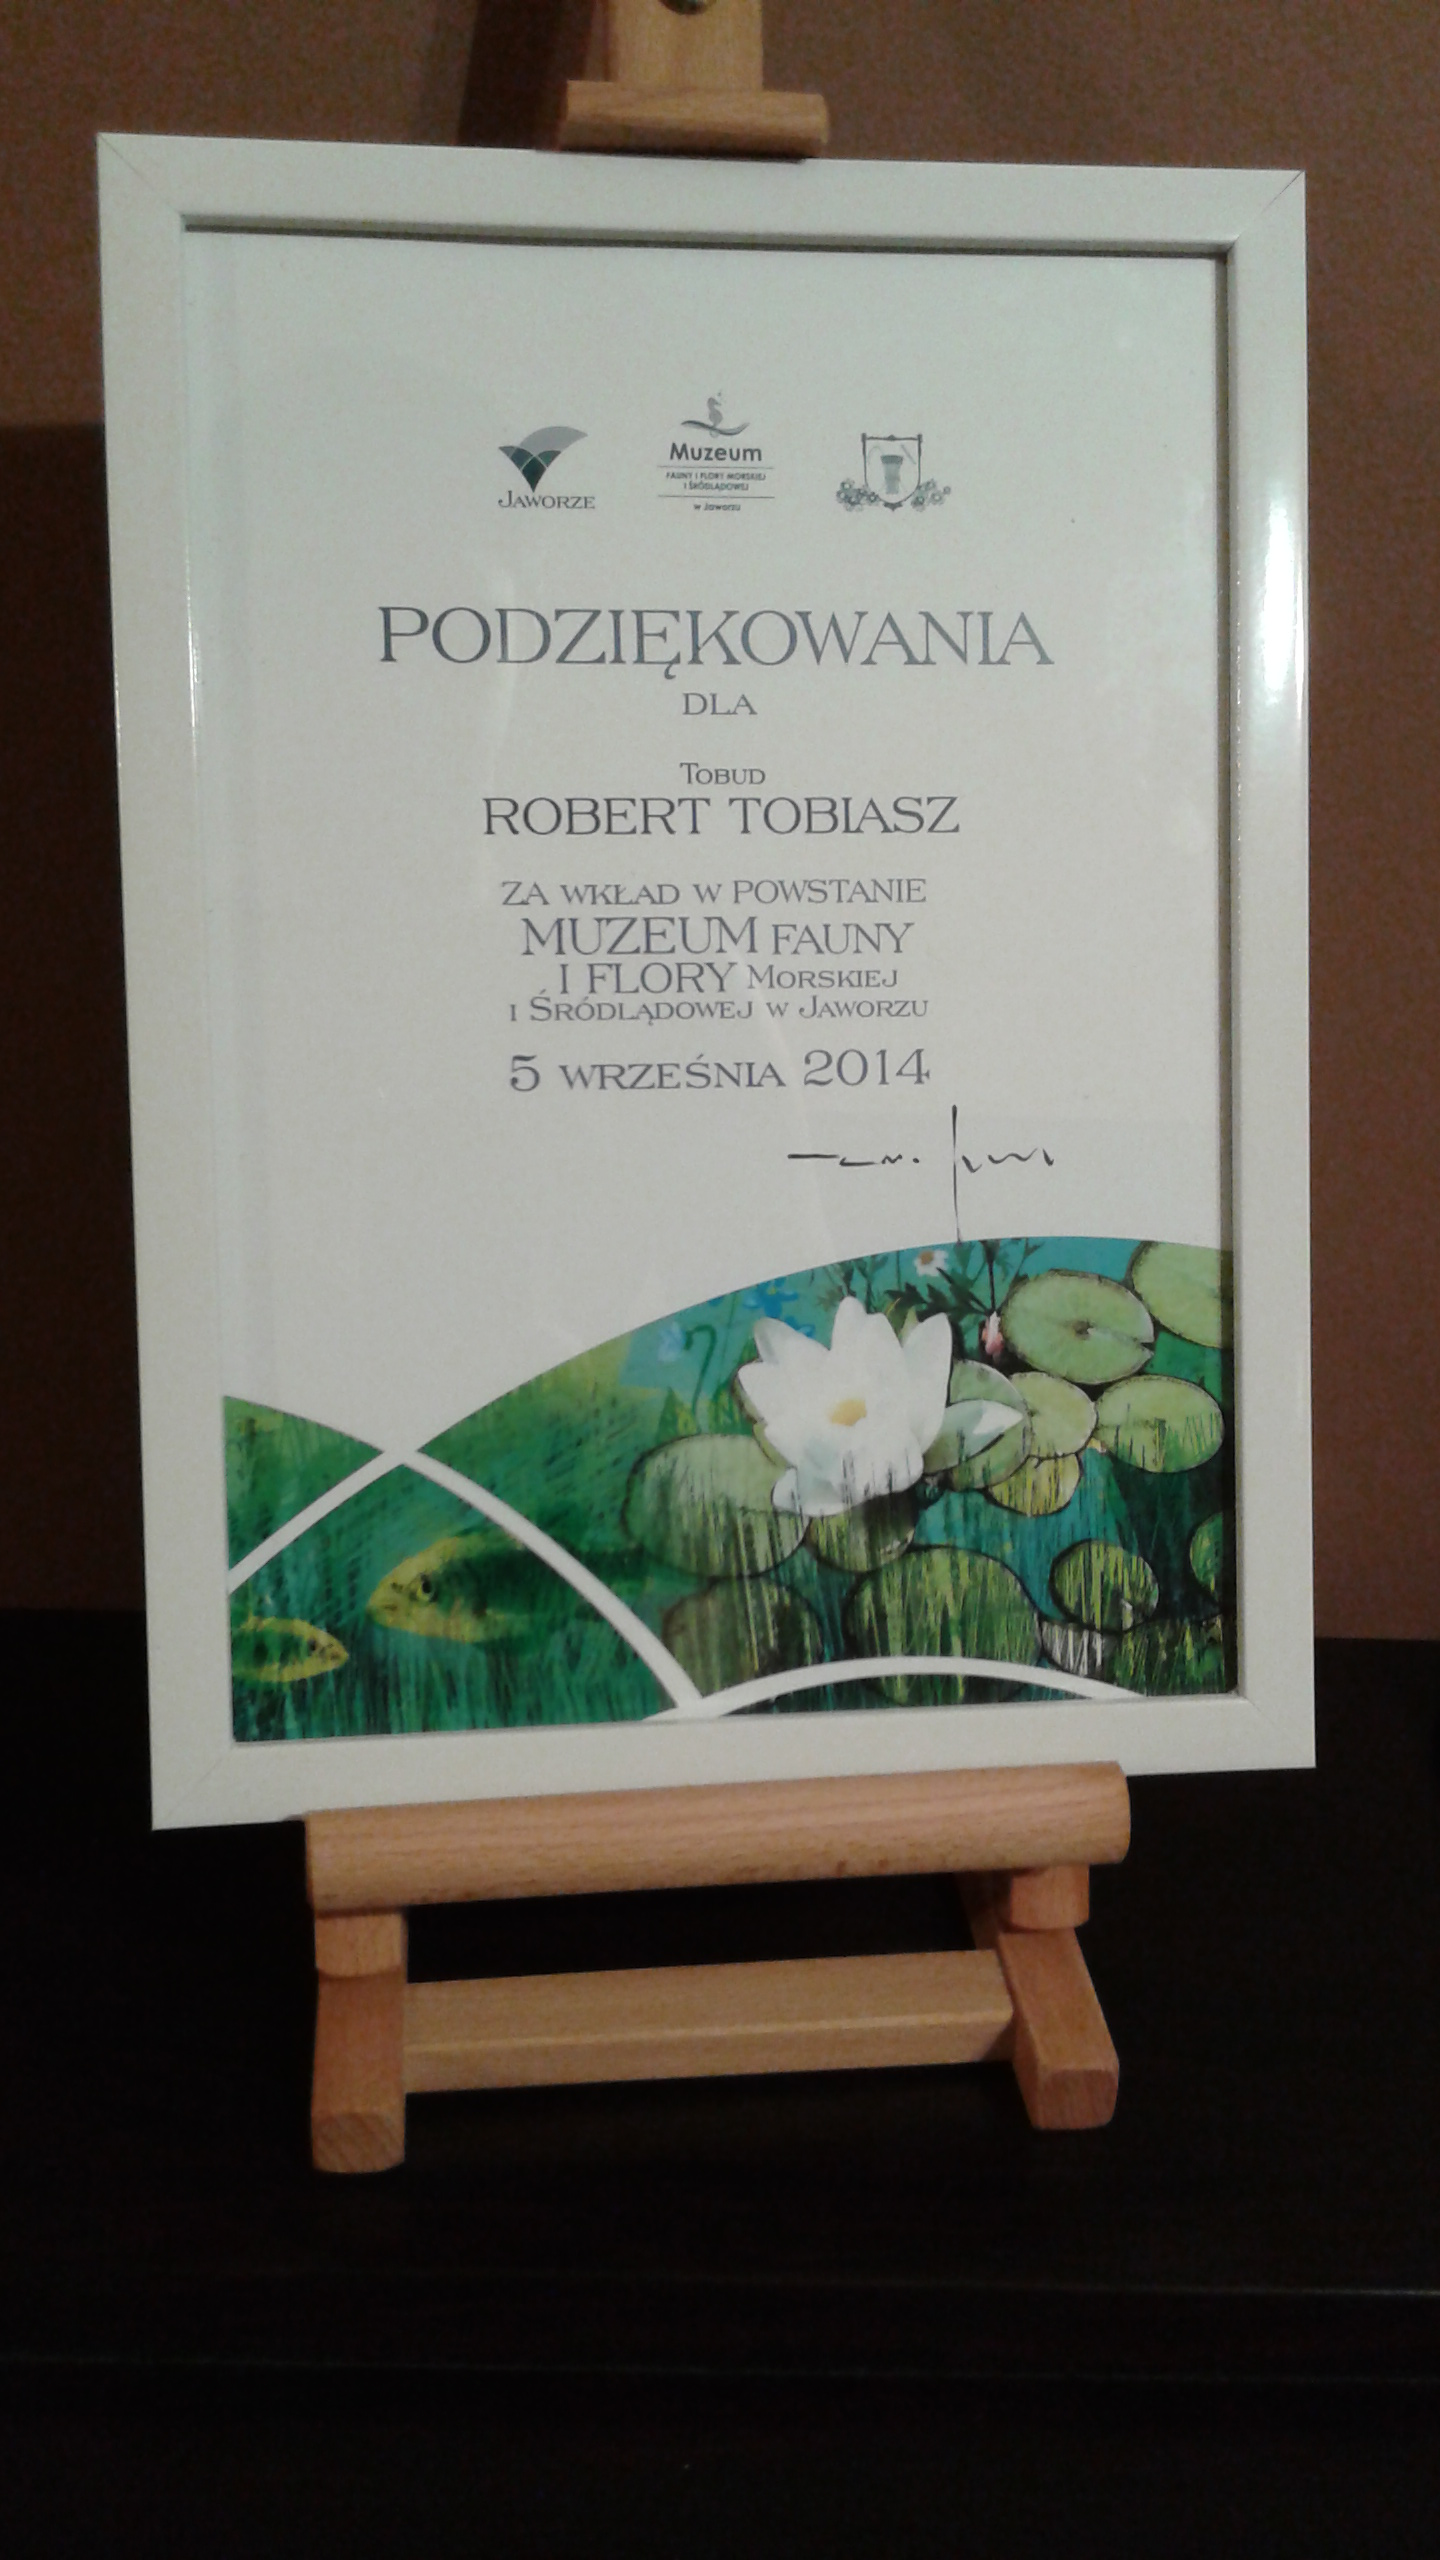 Podziękowania dla firmy Tobud za wkład w powstanie Muzeum fauny i flory morskiej i śródlądowej w Jaworzu